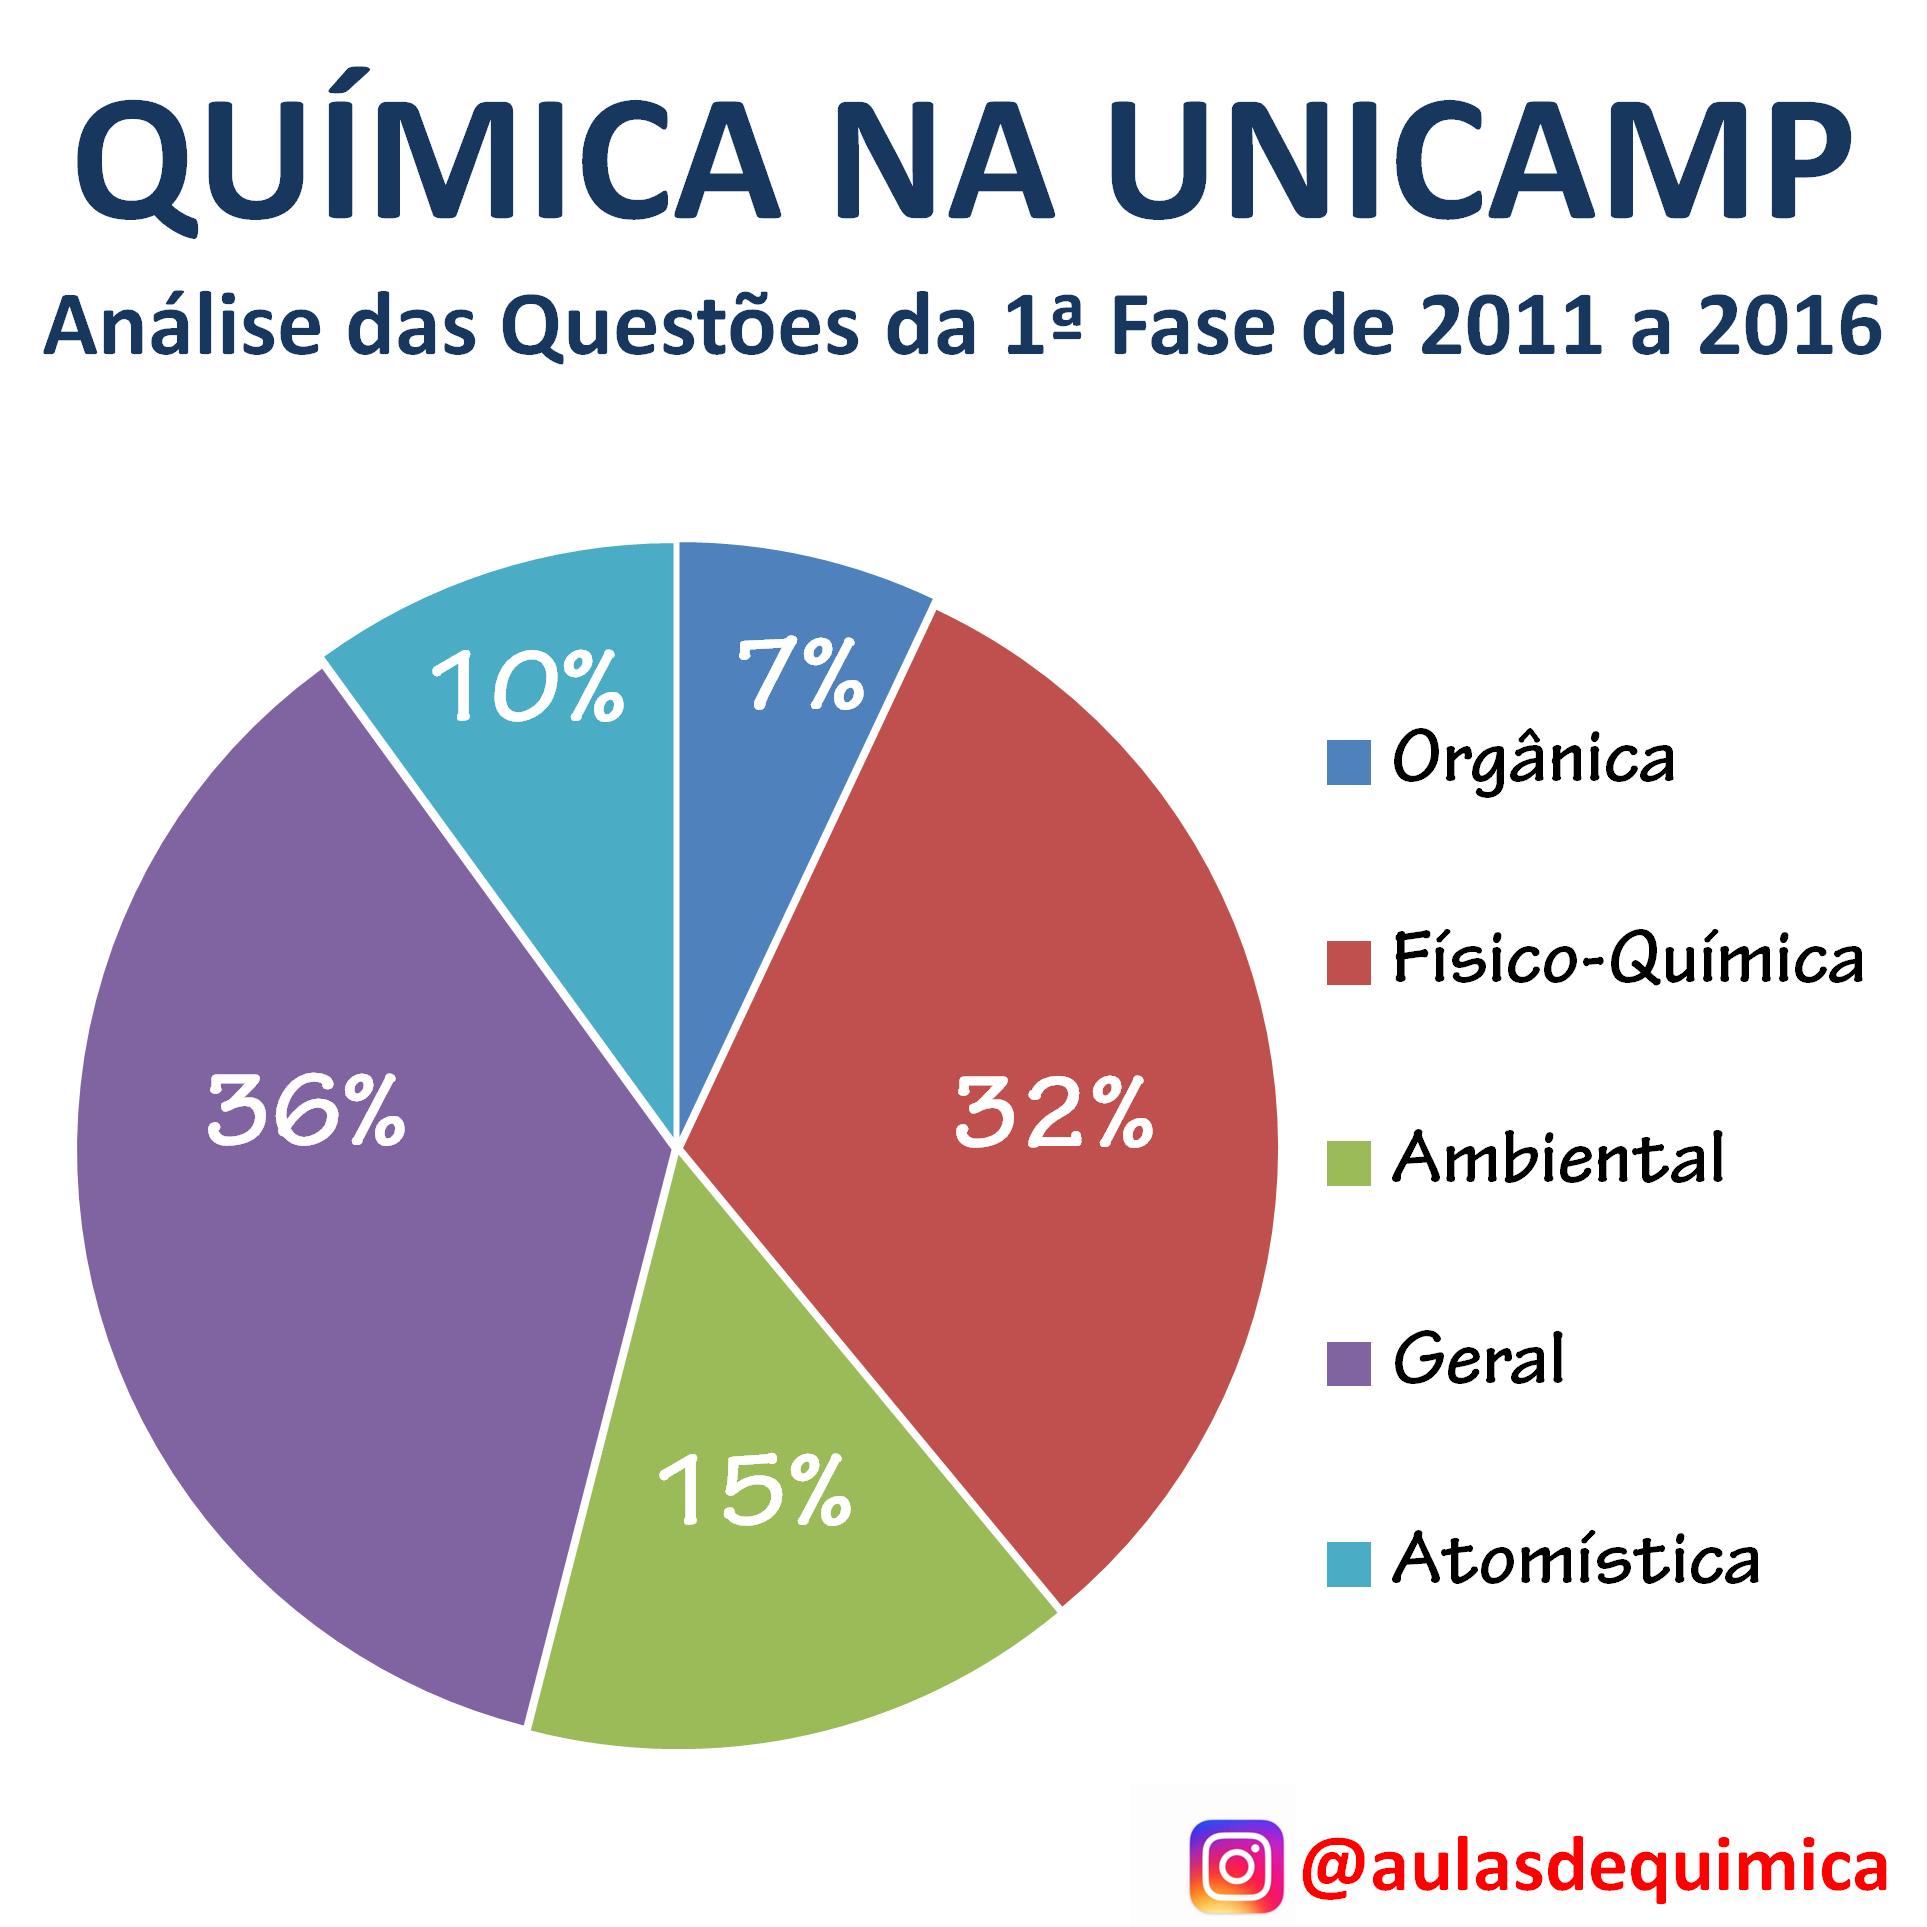 Química na UNICAMP - criado por Anderson Dino para o site Aulas de Química - www.aulasdequimica.com.br